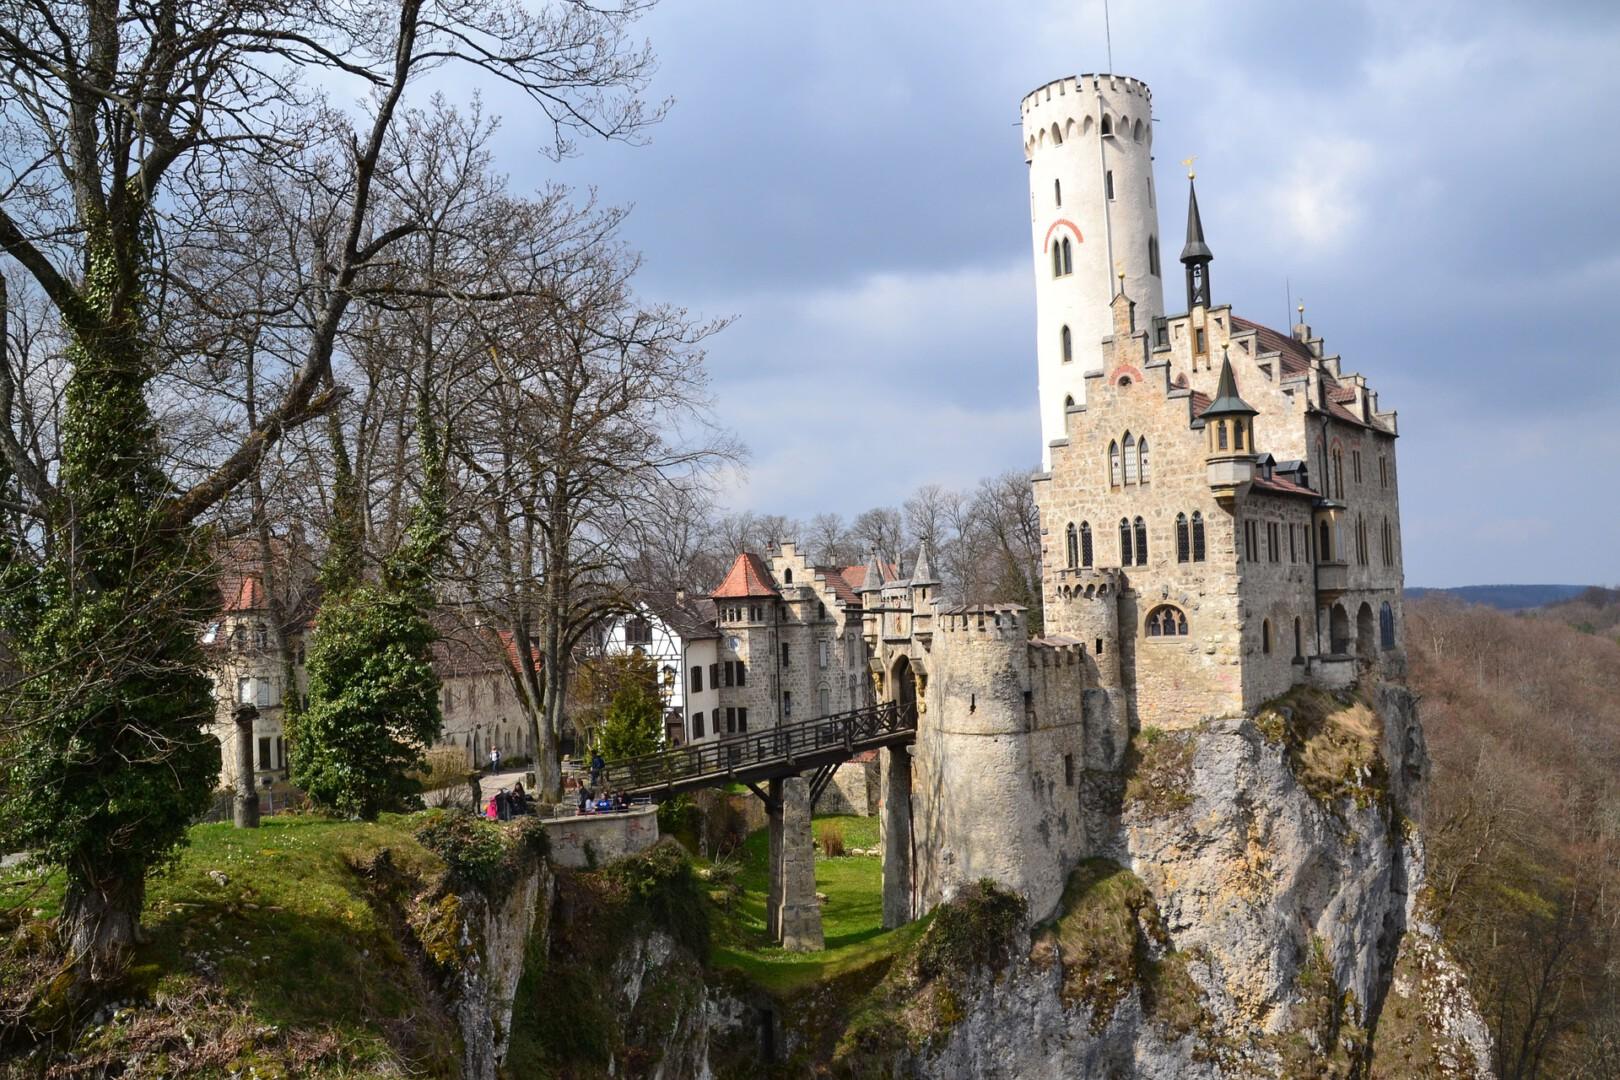 germany 1330116 1920 - Dit zijn de 12 leukste dorpjes en kleine stadjes in Duitsland om te bezoeken!